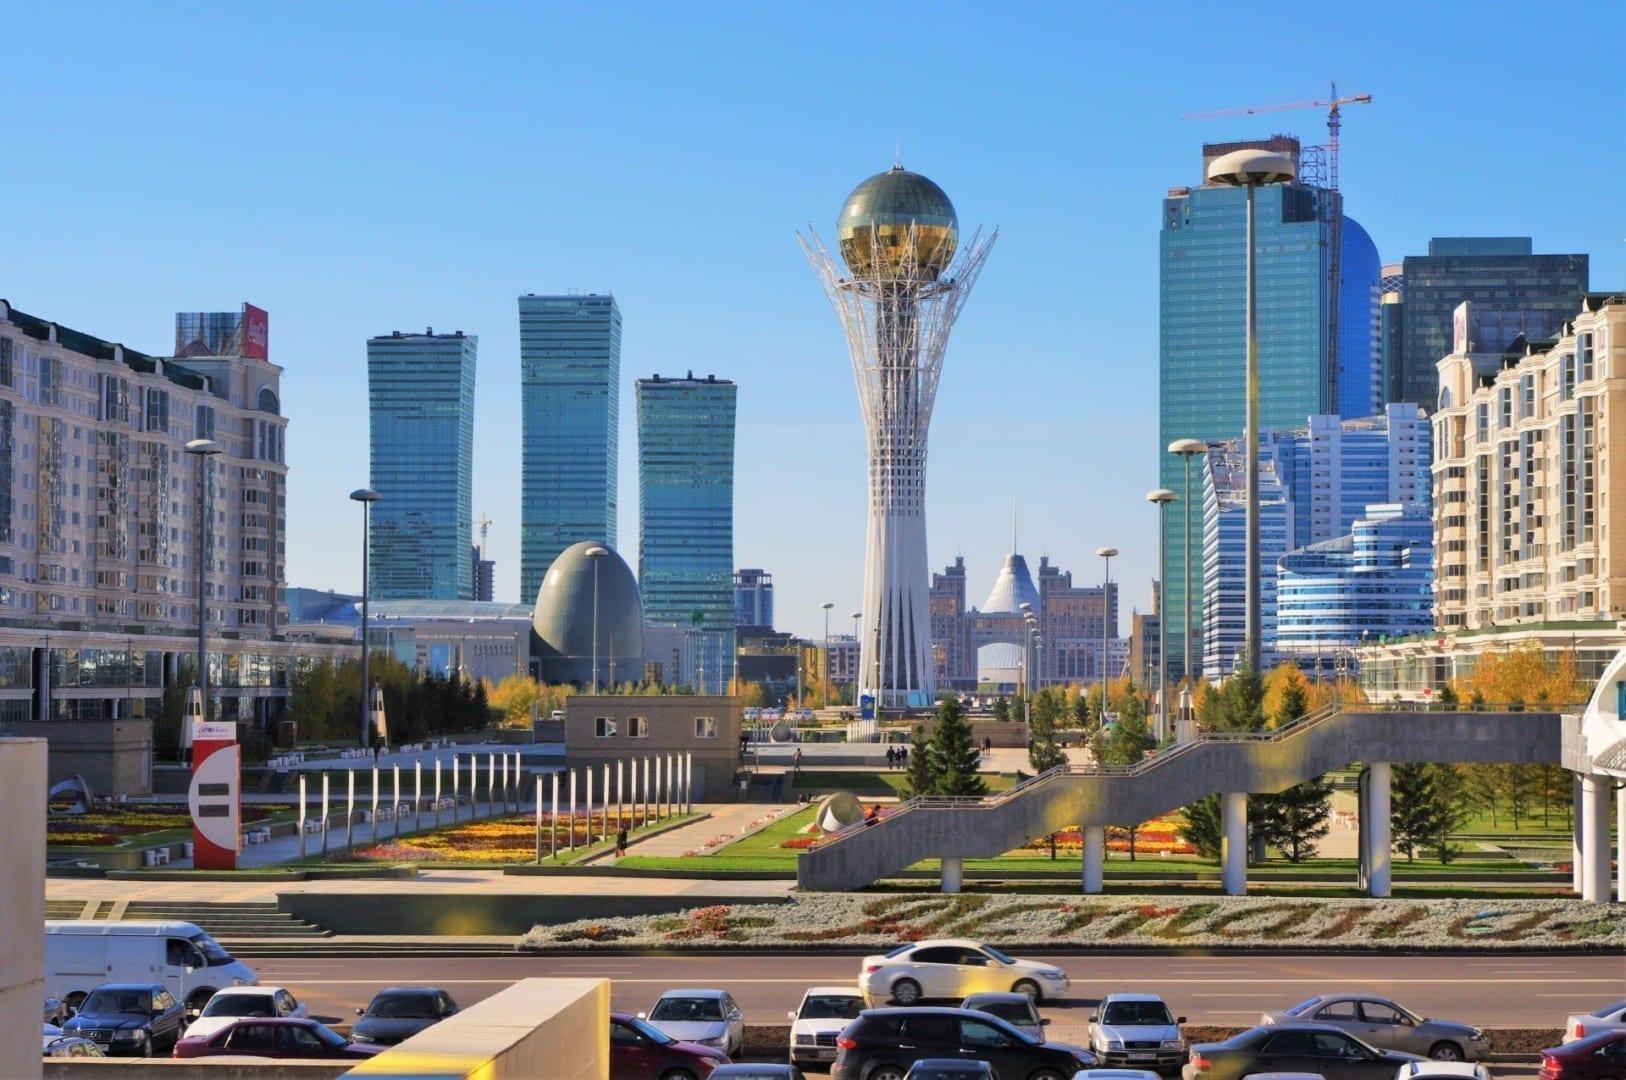 El centro con la Torre Baiterek en el medio Astana Kazajistán